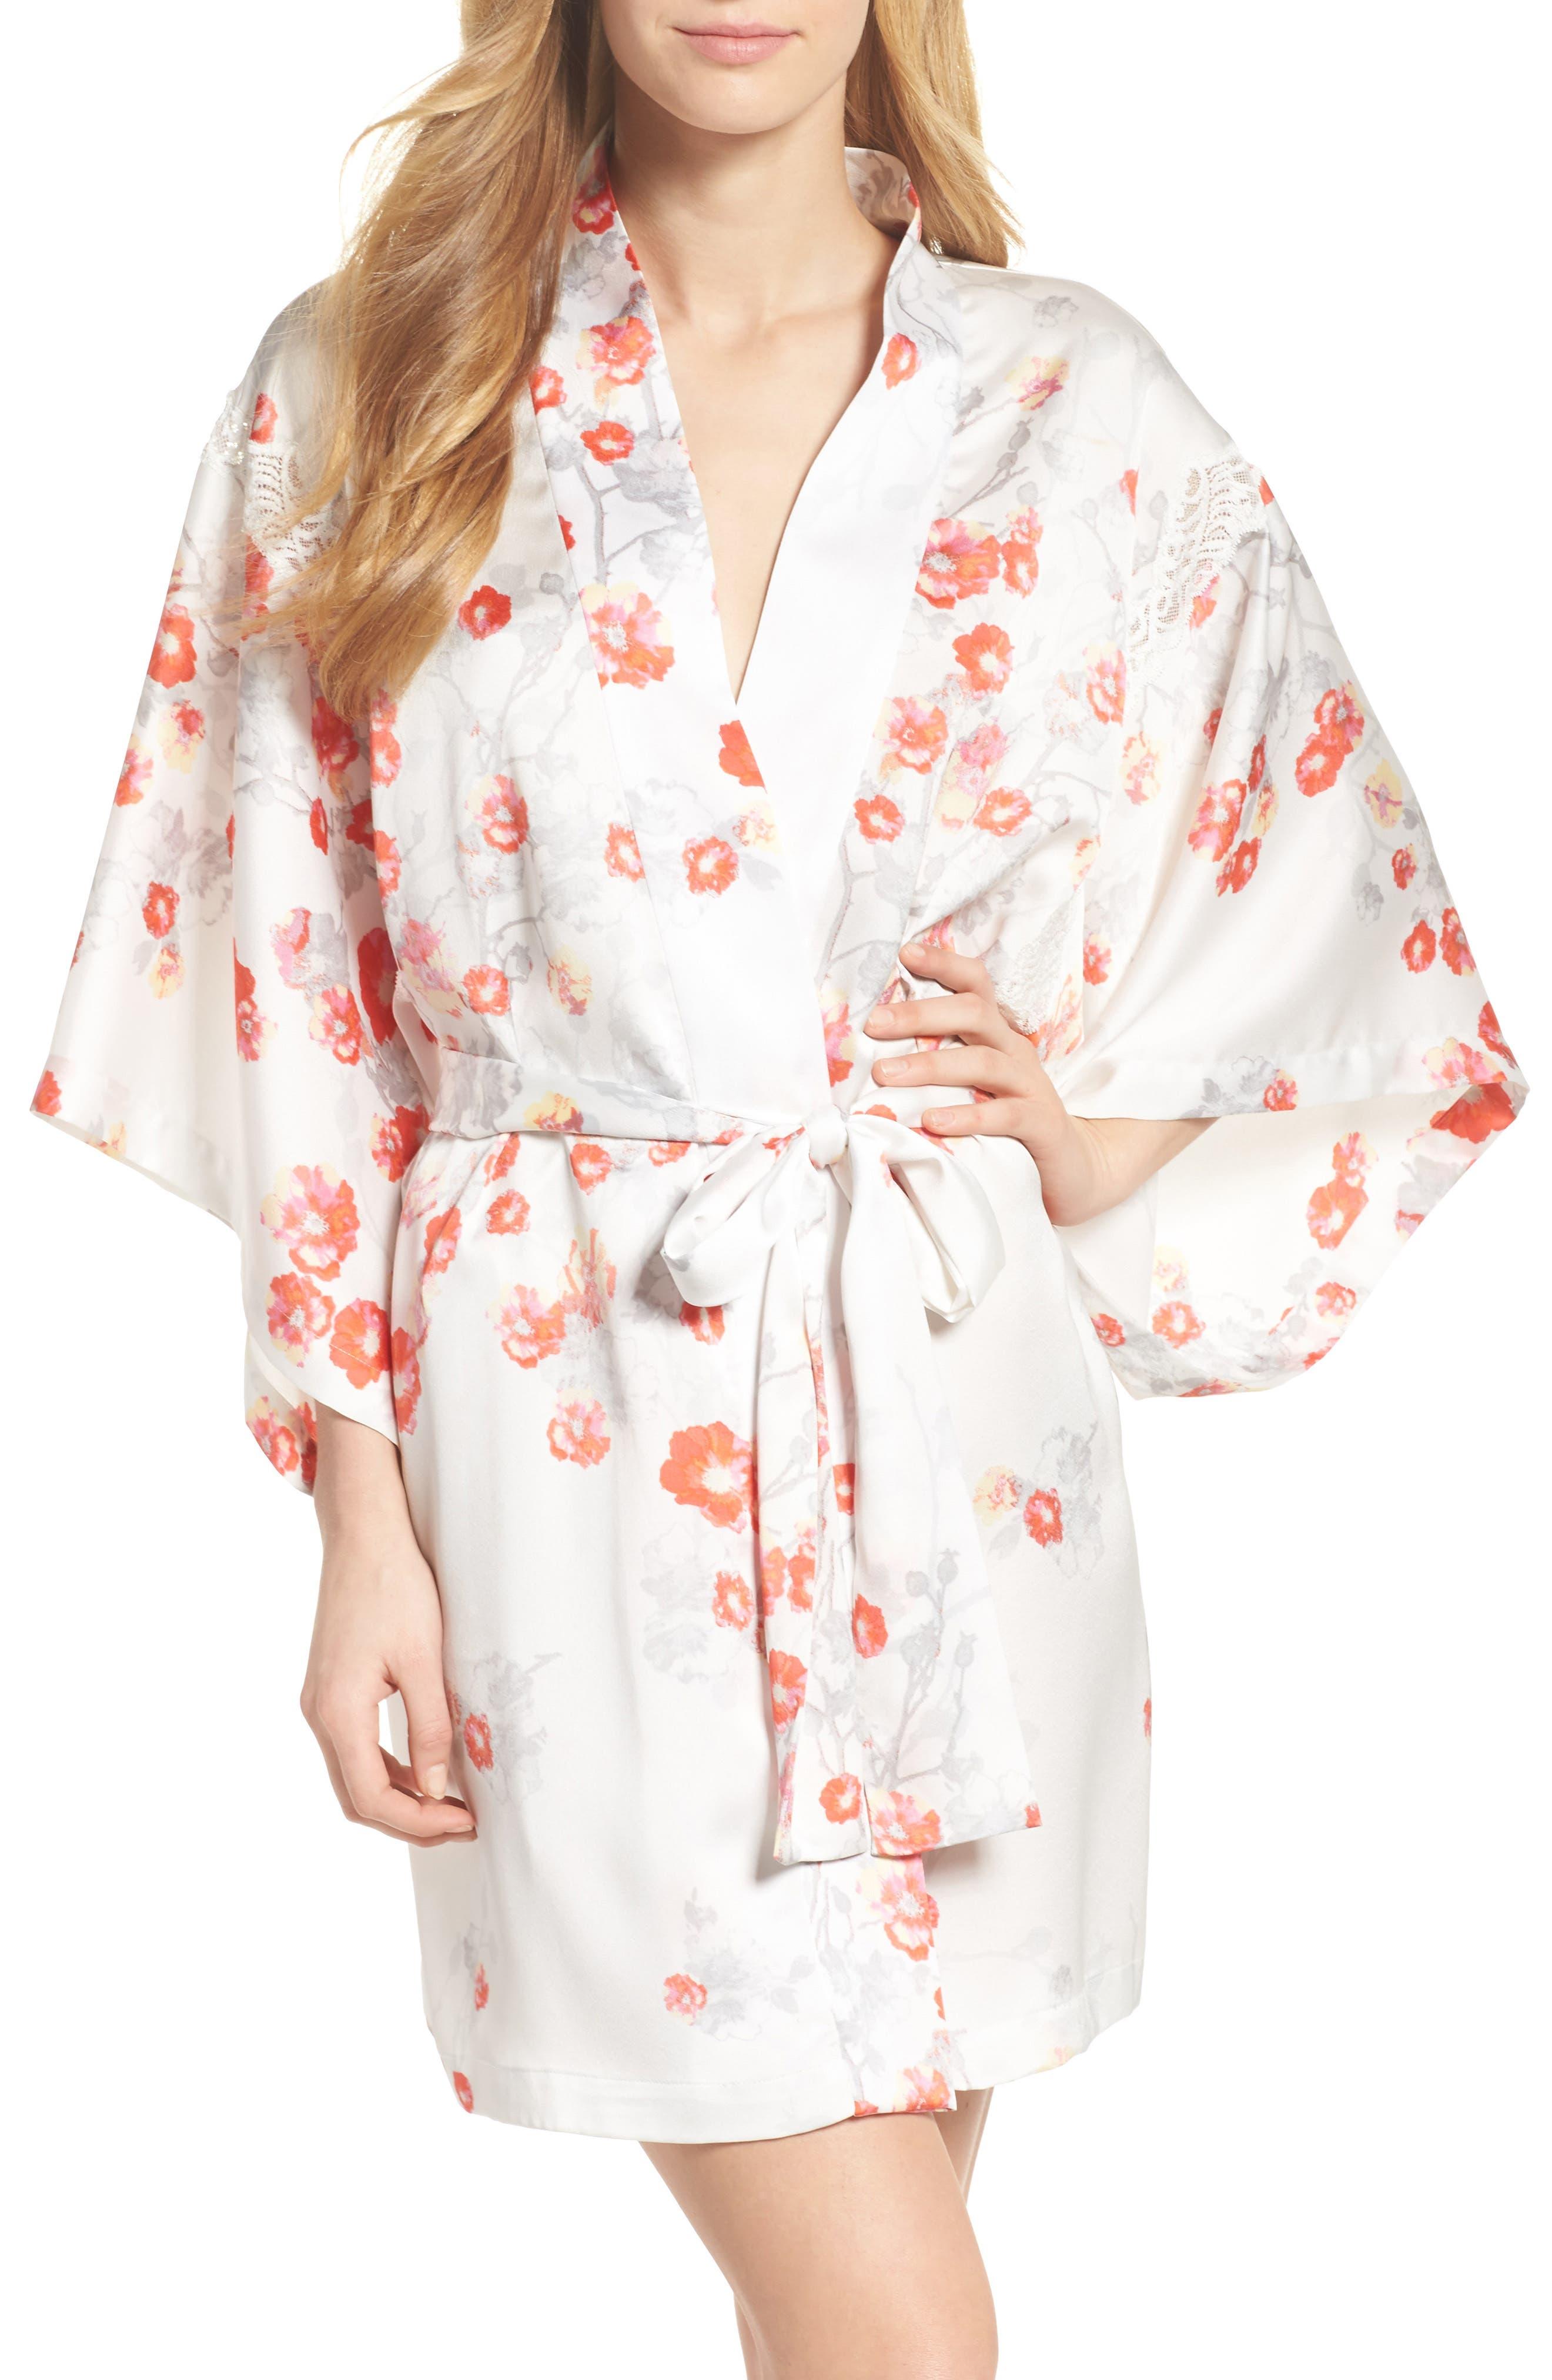 Blossom Print Wrap,                         Main,                         color, White/ Multi